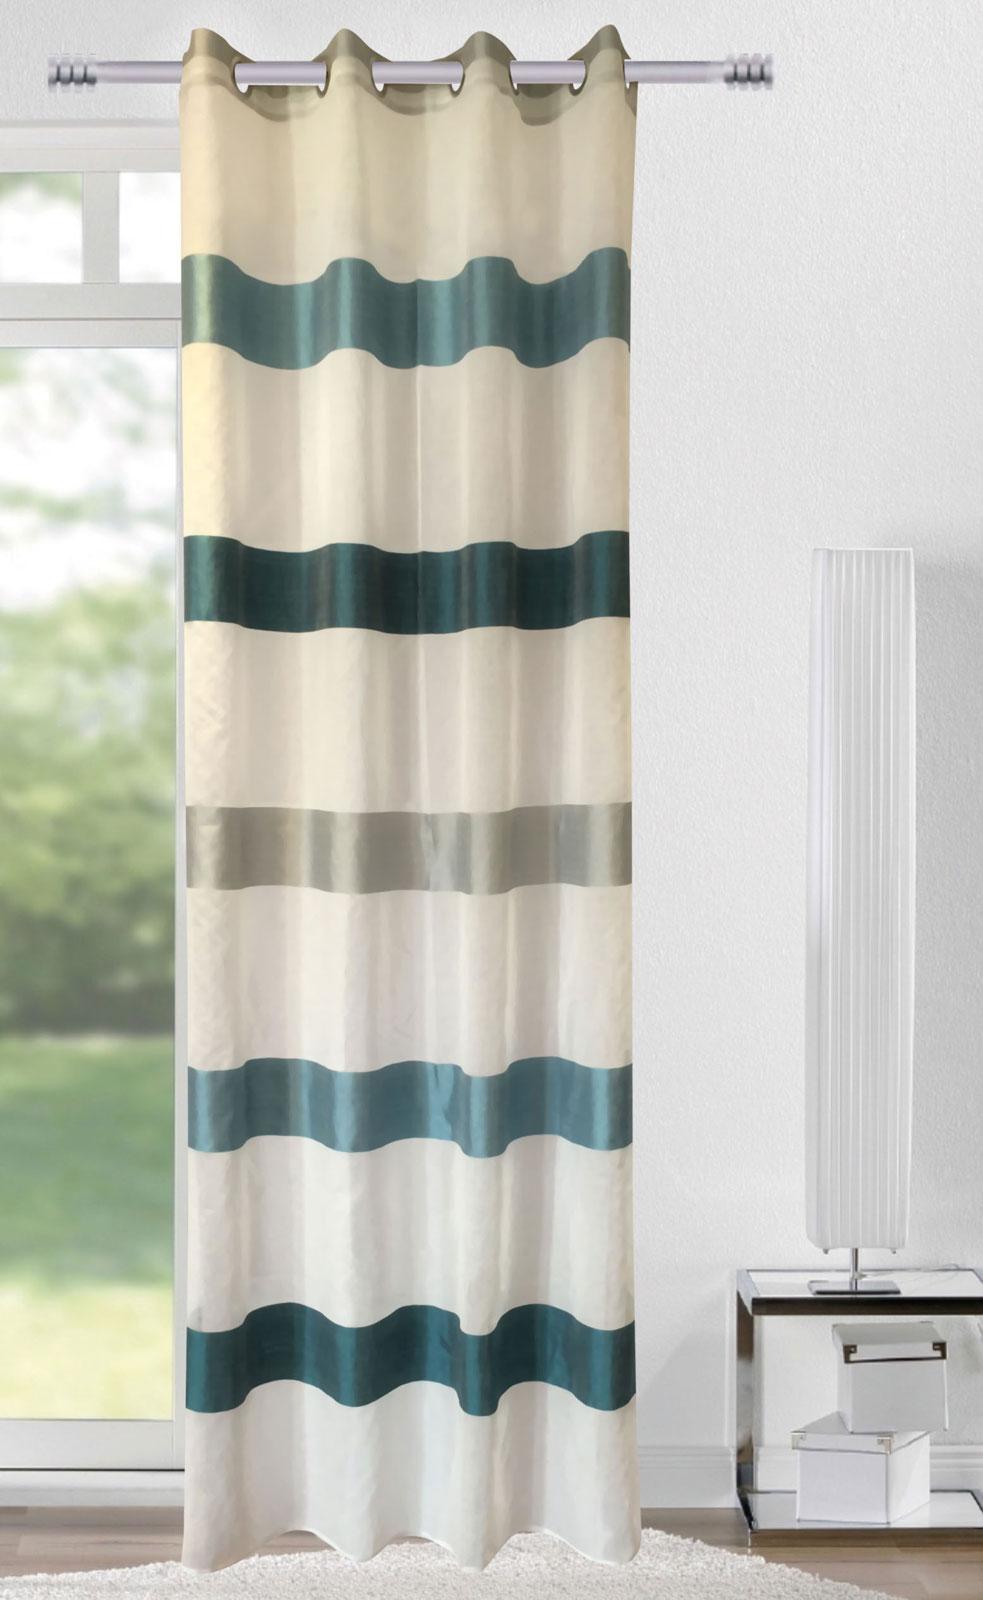 Gardinen und Vorhänge - Ösenschal Vorhang Gardine 140x245 Streifen petrol weiß silber 400271  - Onlineshop PremiumShop321